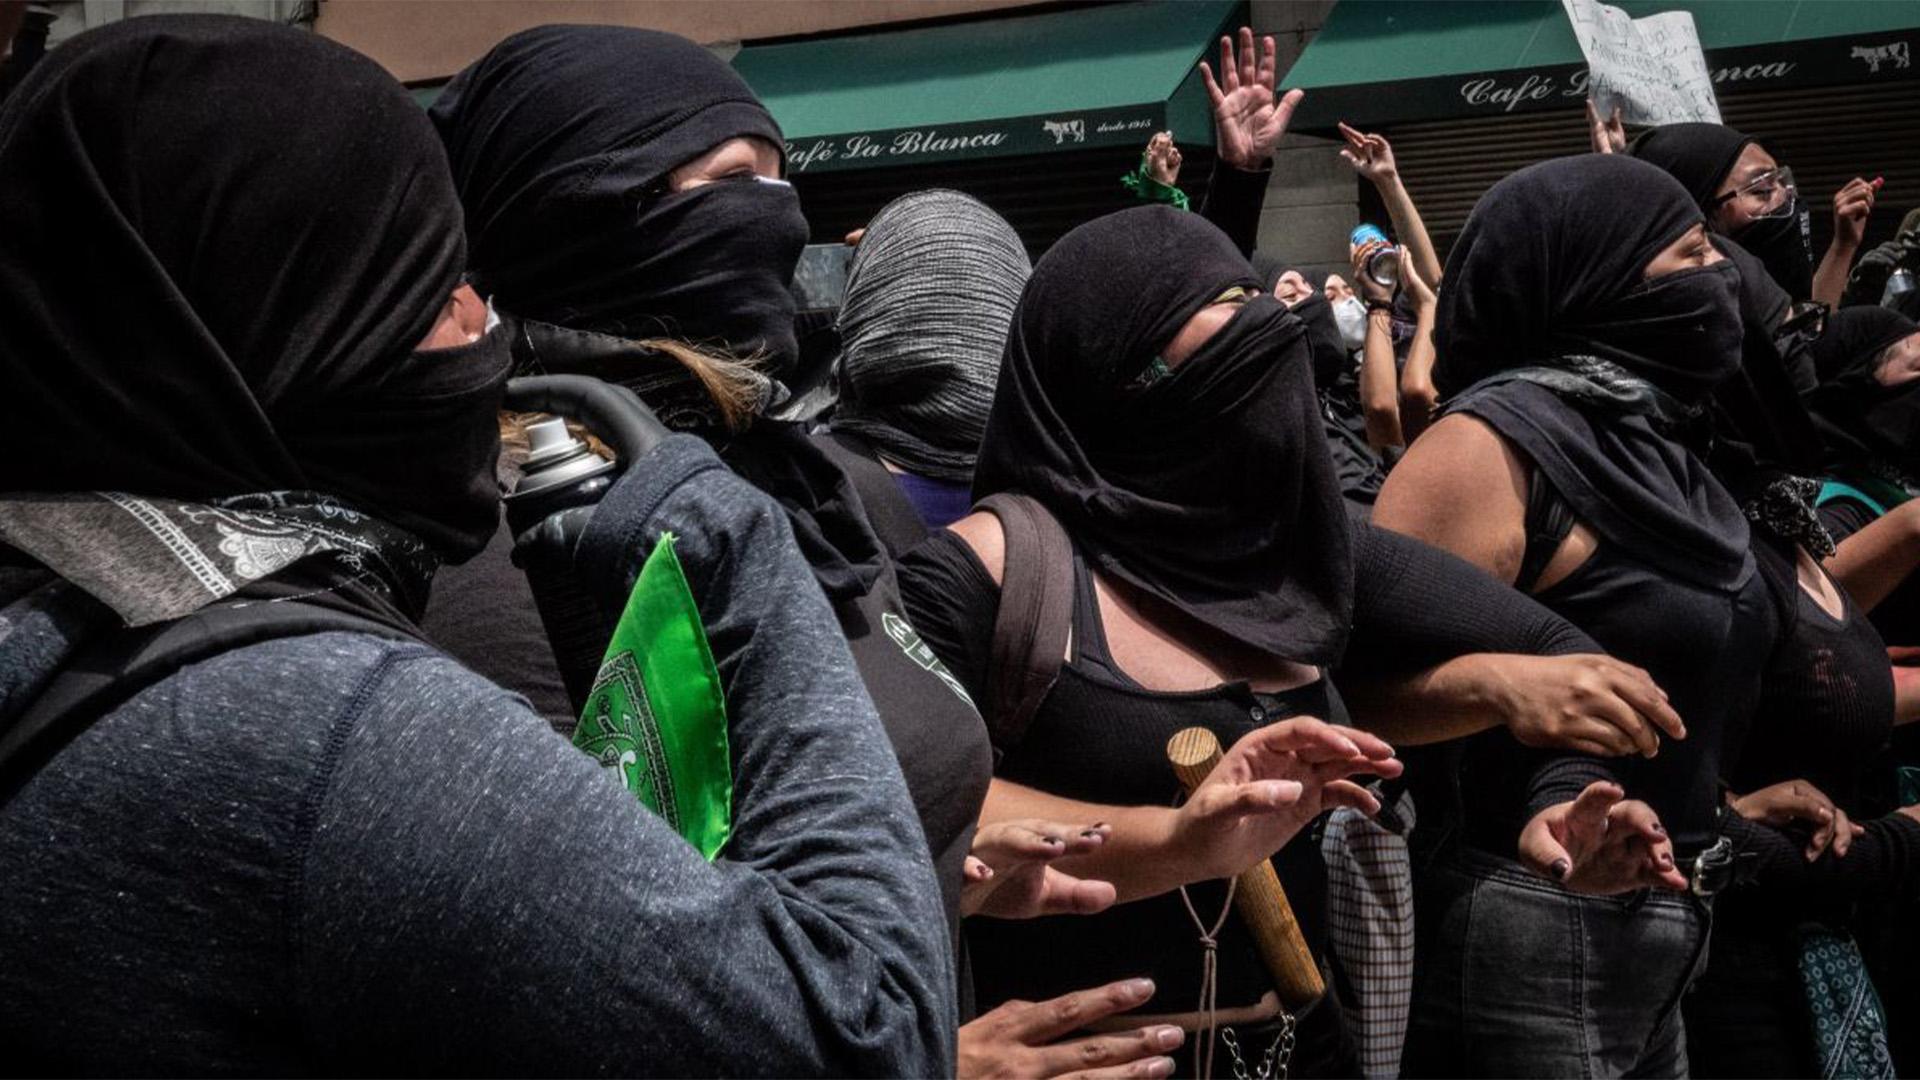 La mayoría de las manifestantes se presentaron vestidas de negro y con el rostro cubierto portando pañuelos verdes como símbolo de estar a favor del aborto legal (Foto: Cuartoscuro)